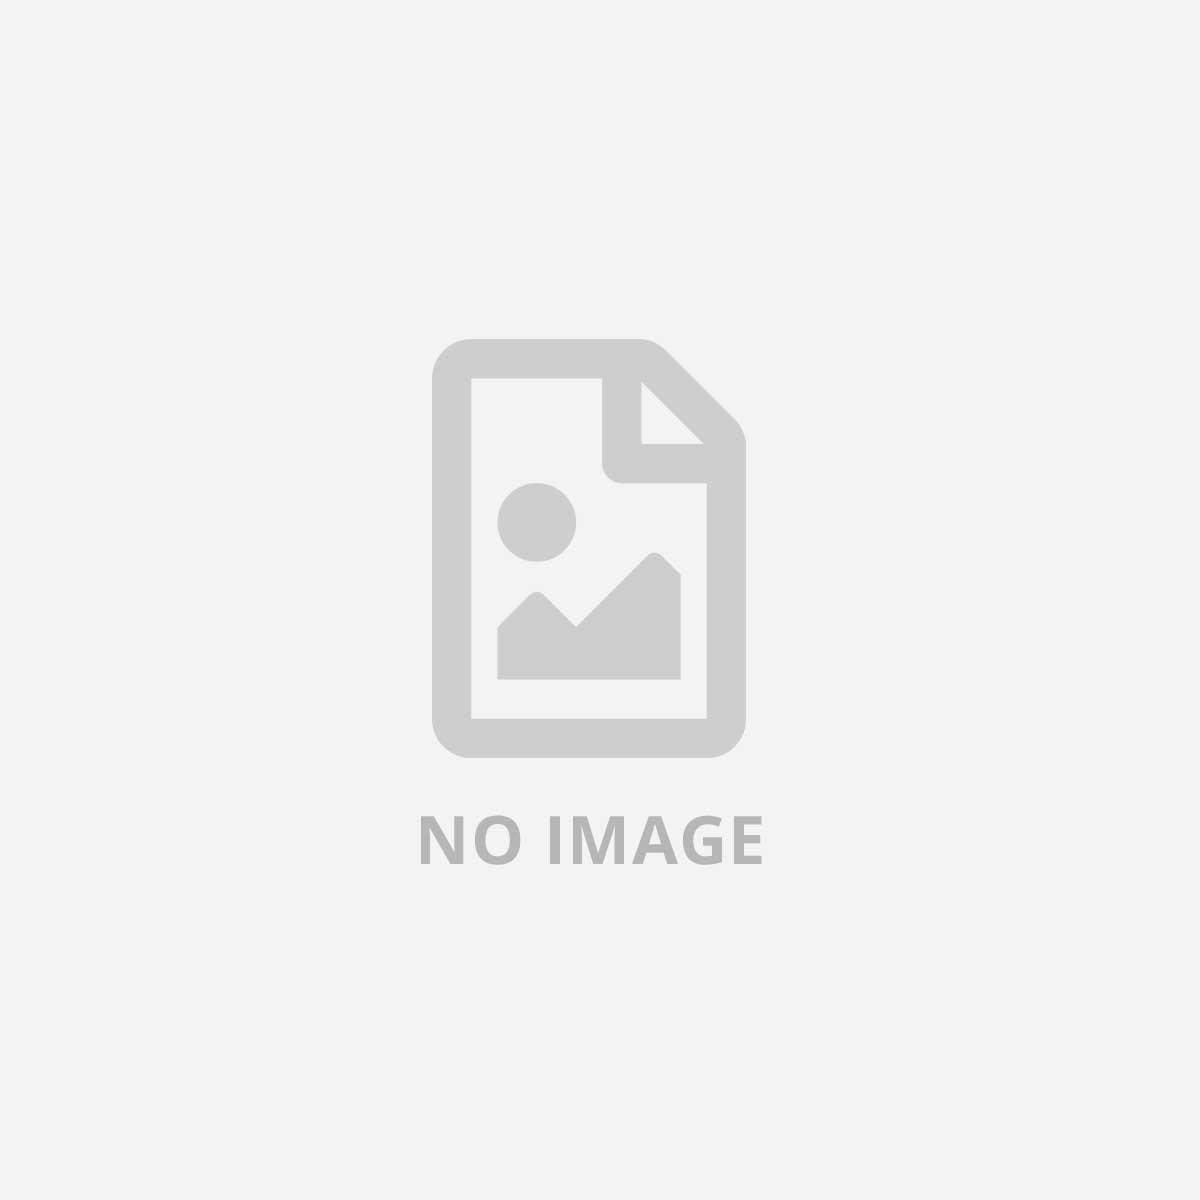 STARTECH AMPLIFICATORE SEGNALE HDMI 35M